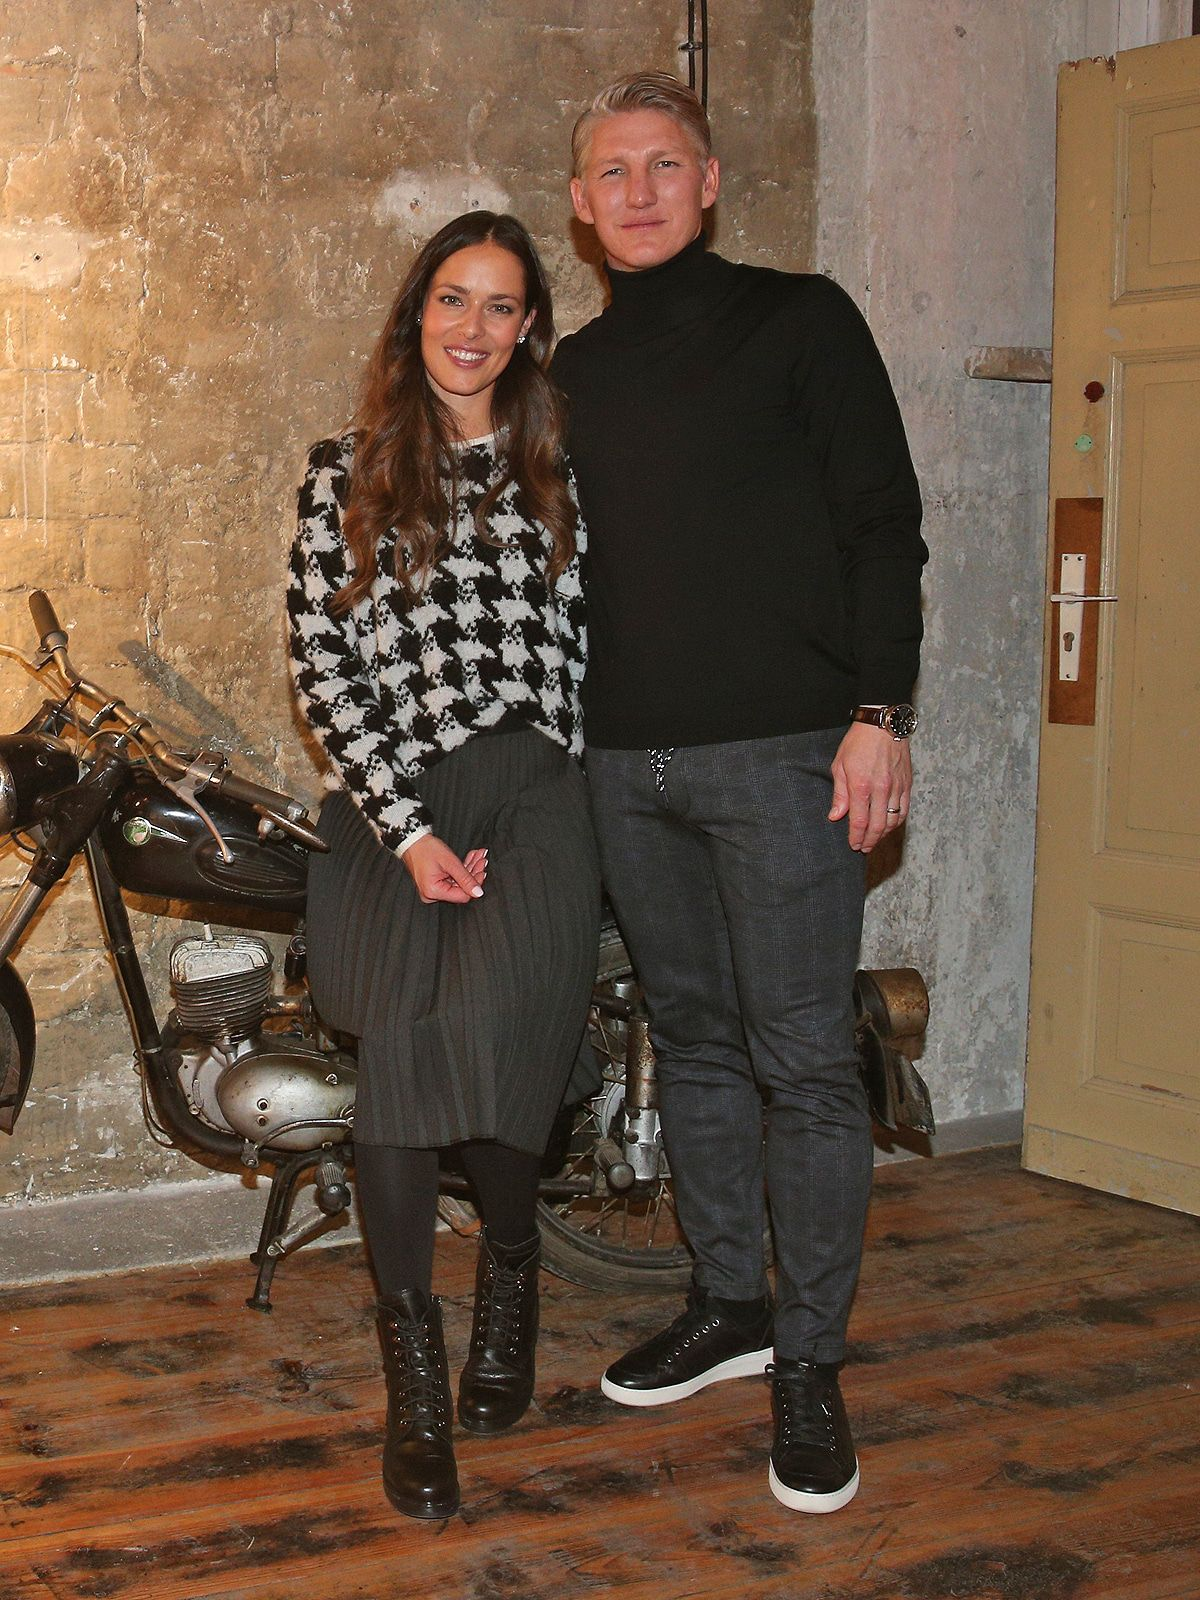 Ana und Bastian Schweinsteiger präsentieren ihre Modekollektion